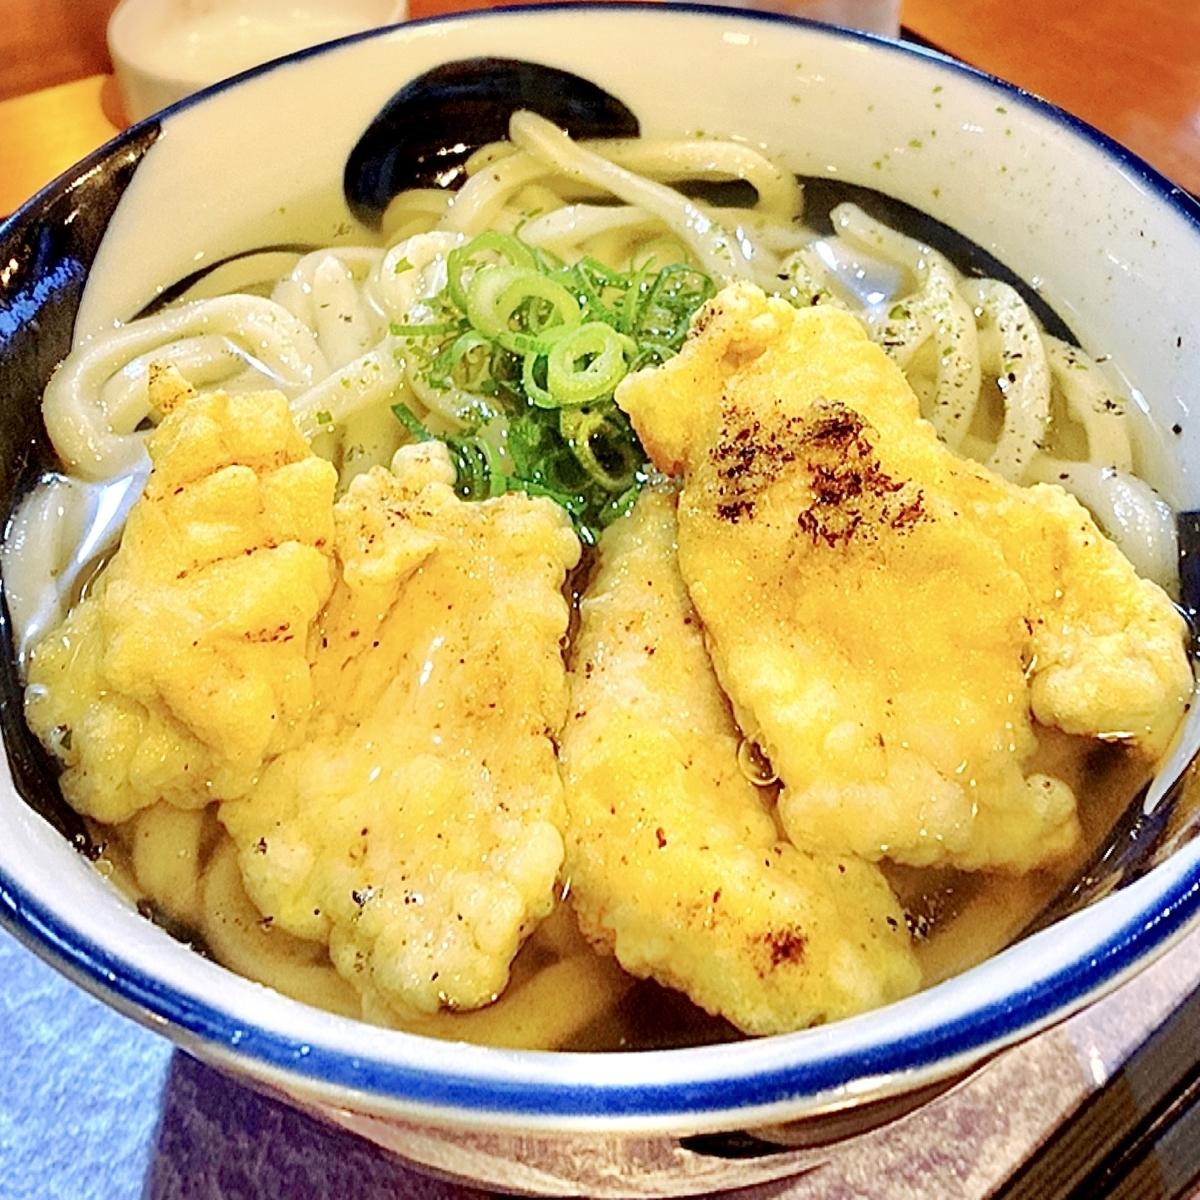 浅草で朝食やランチにちょうど良い優しいうどんがいただけるお店